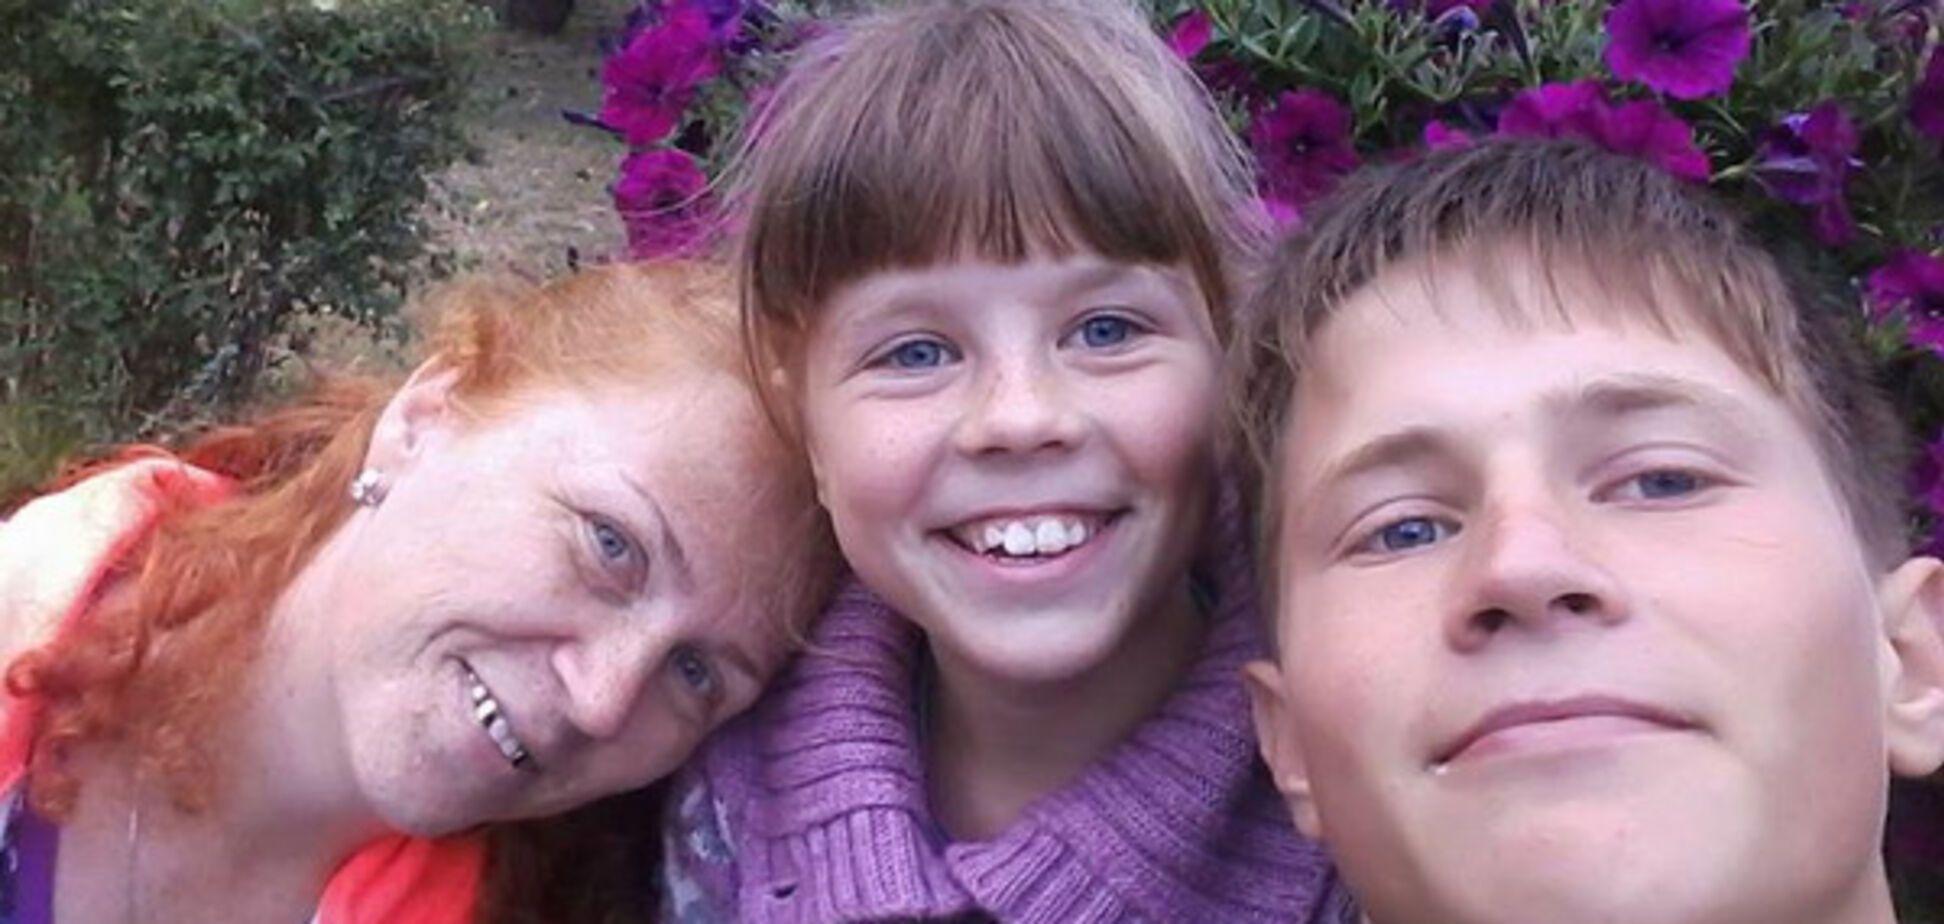 Онкобольная мать двоих детей: люди, не бросайте нас! Рак не заразен!